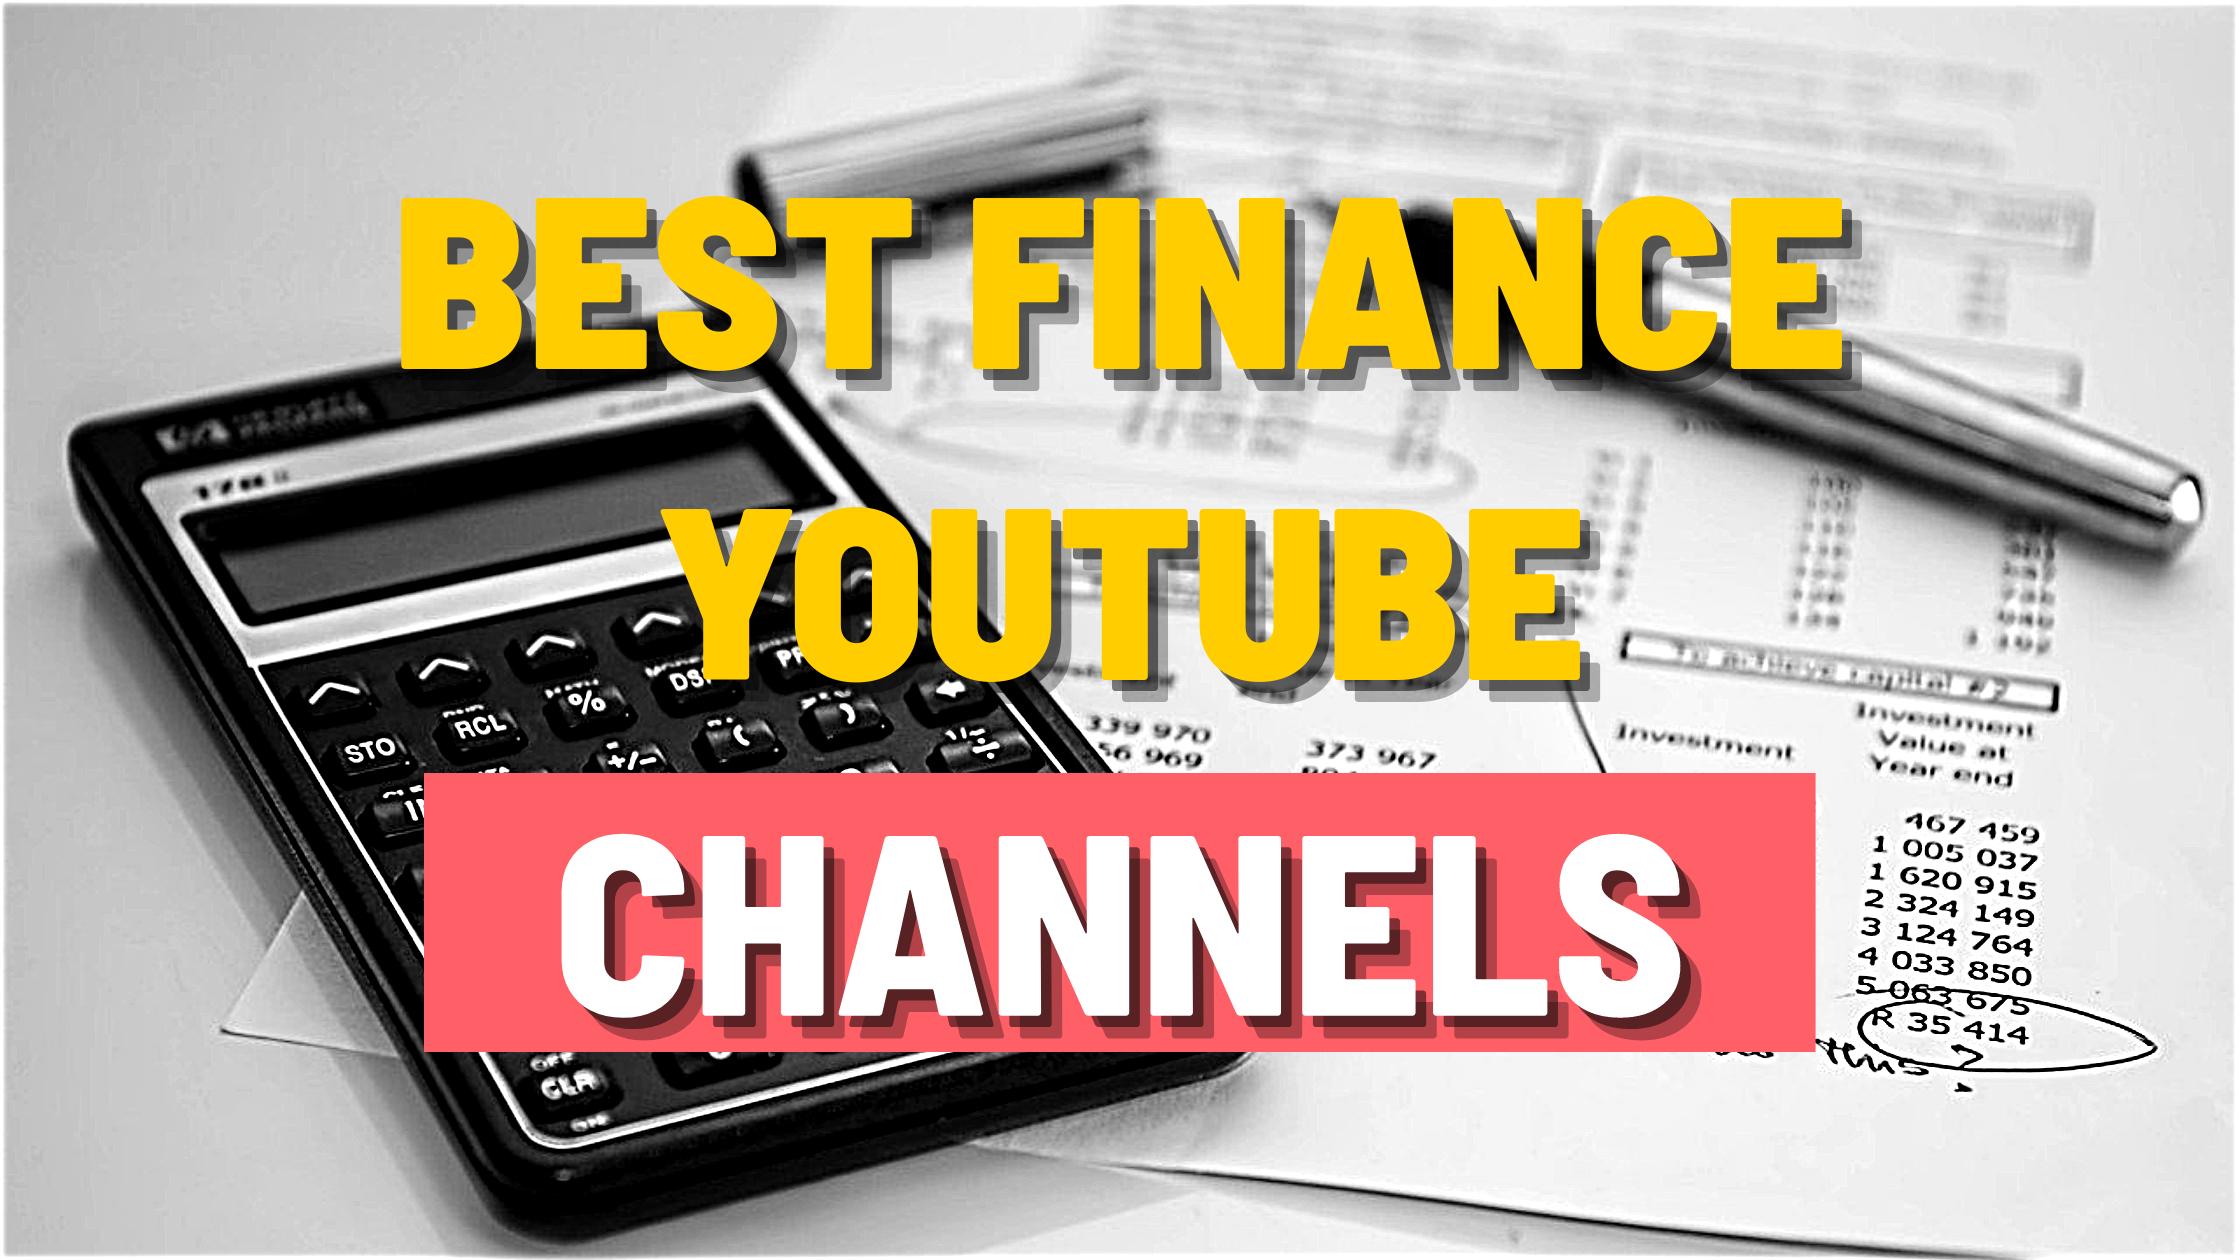 Best finance YouTube channels